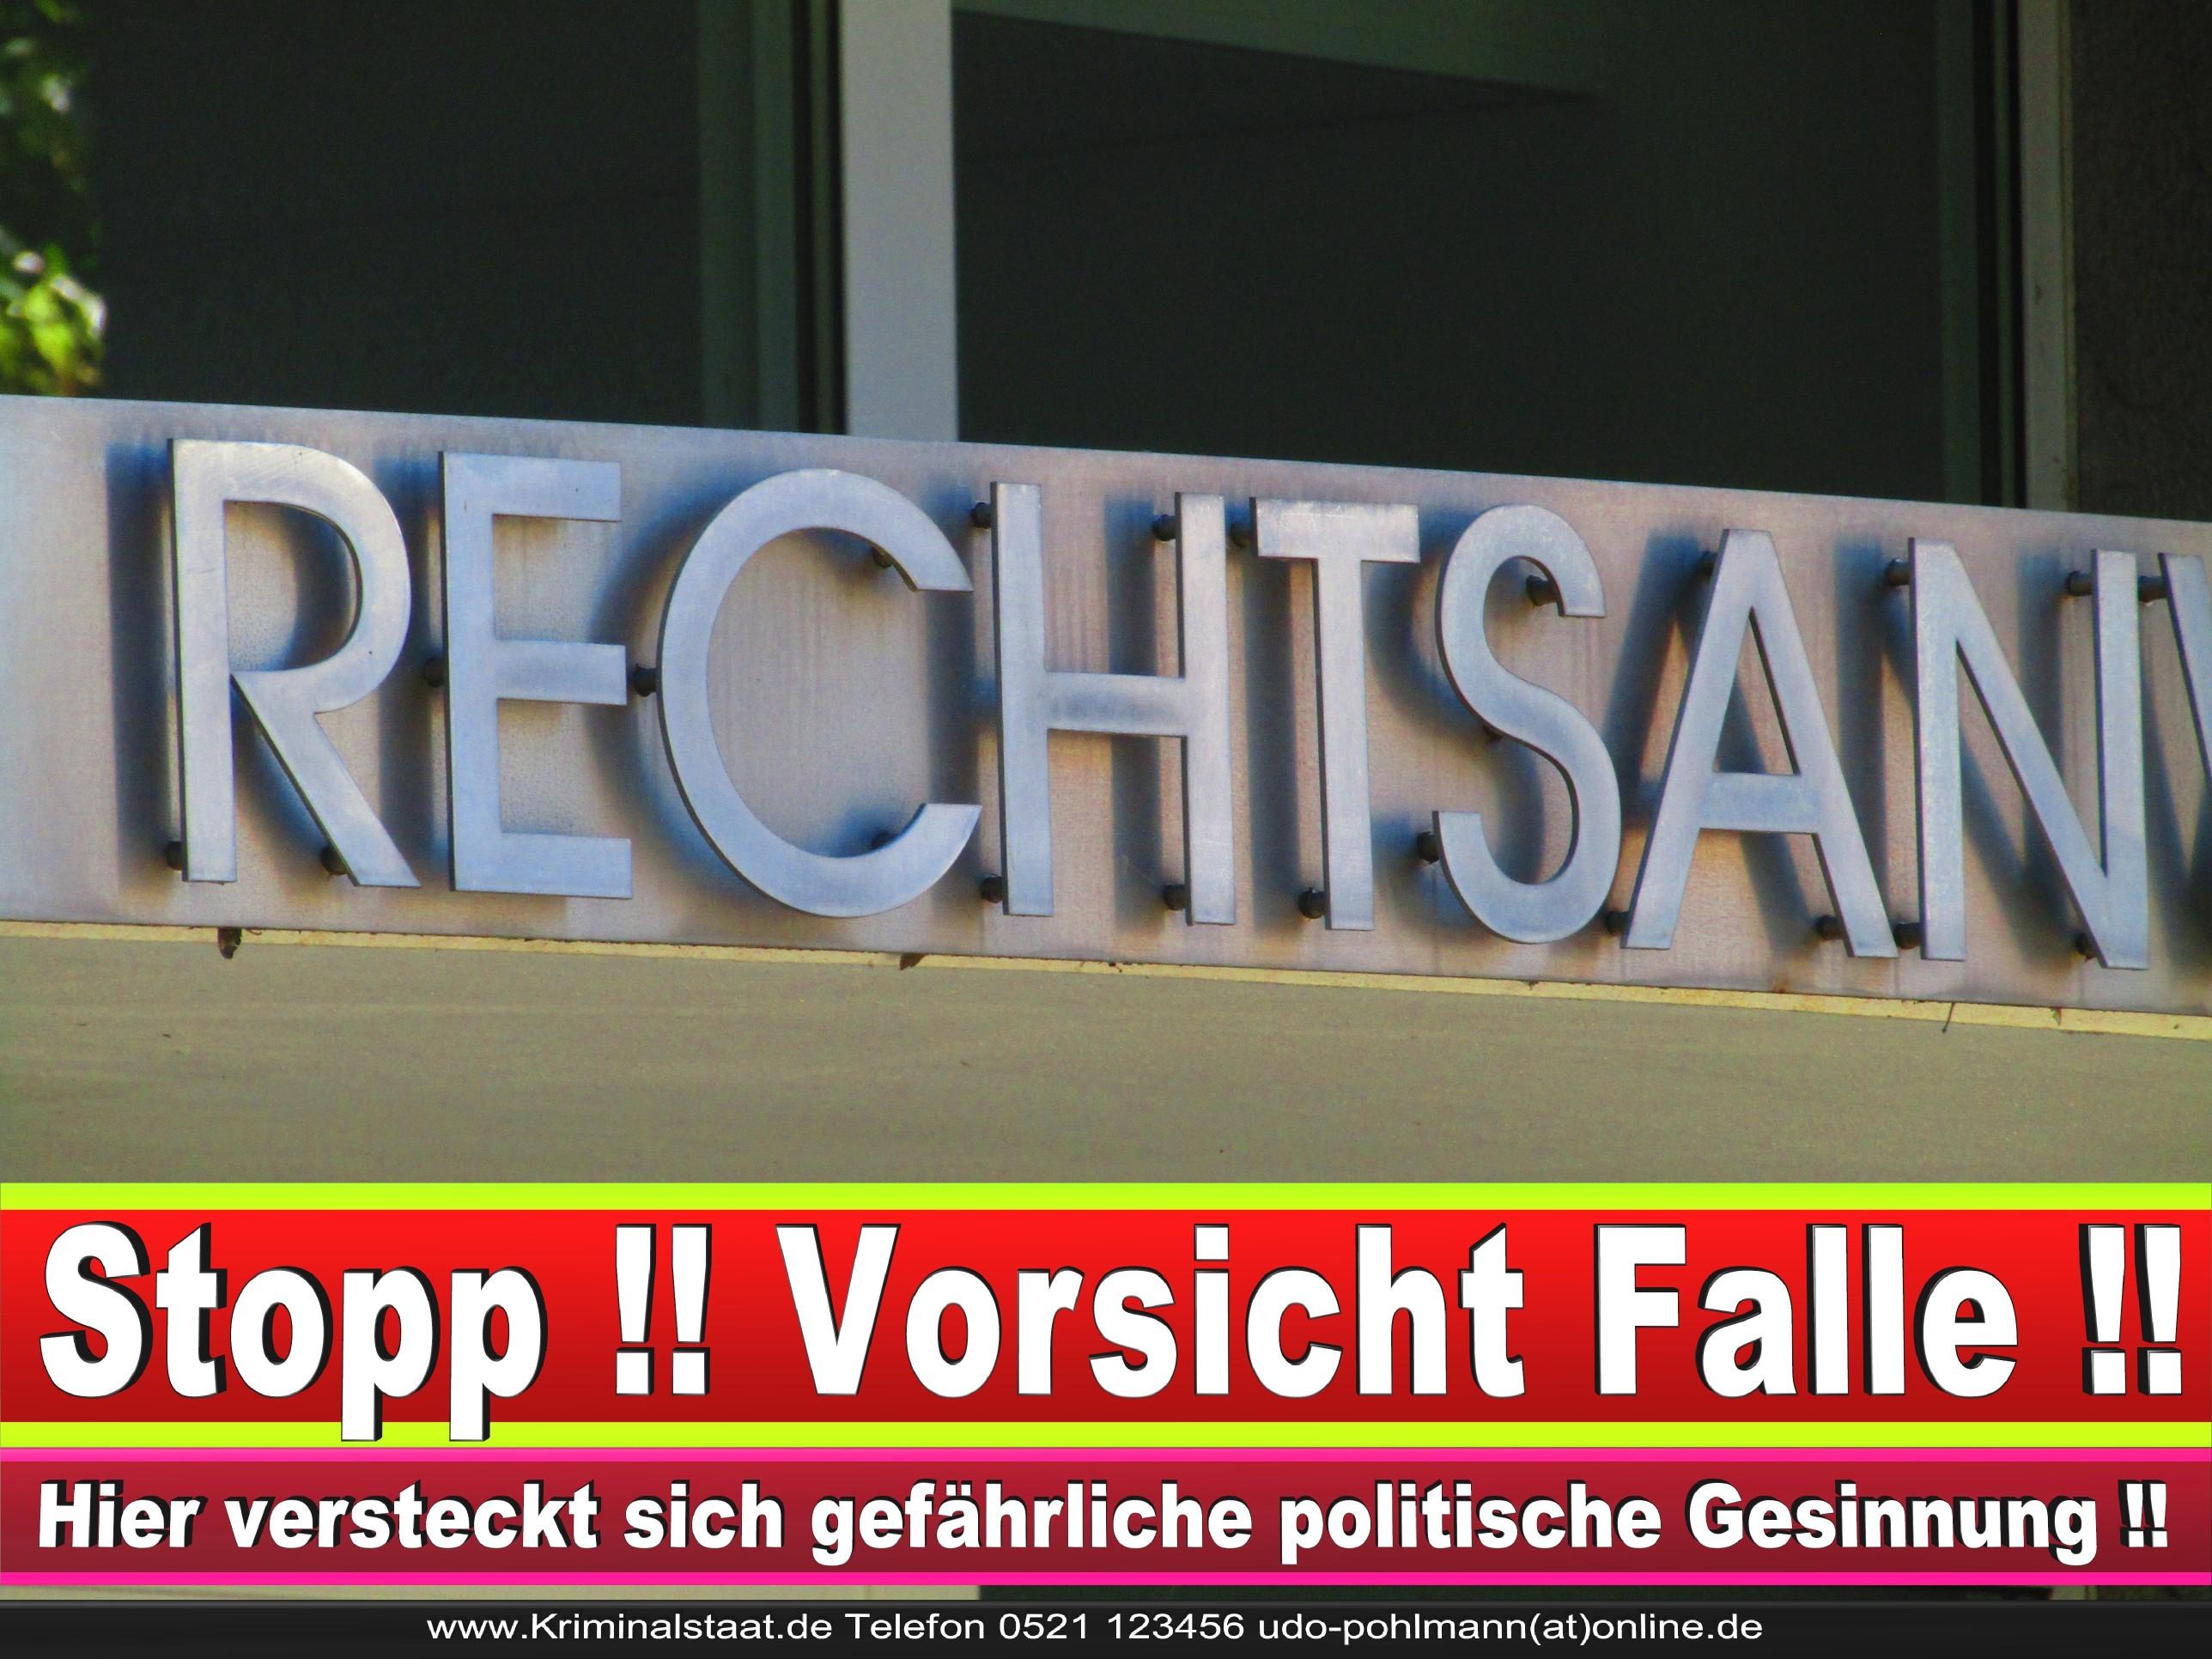 Rechtsanwaltskammer Hamm NRW Justizminister Rechtsanwalt Notar Vermögensverfall Urteil Rechtsprechung CDU SPD FDP Berufsordnung Rechtsanwälte Rechtsprechung (22) 1